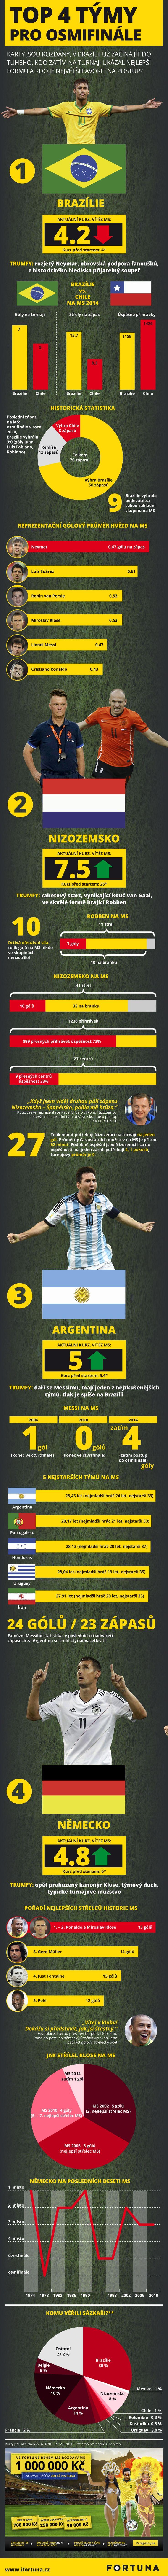 Infografika. MS ve fotbale 2014. Kdo postoupí do osmifinále.